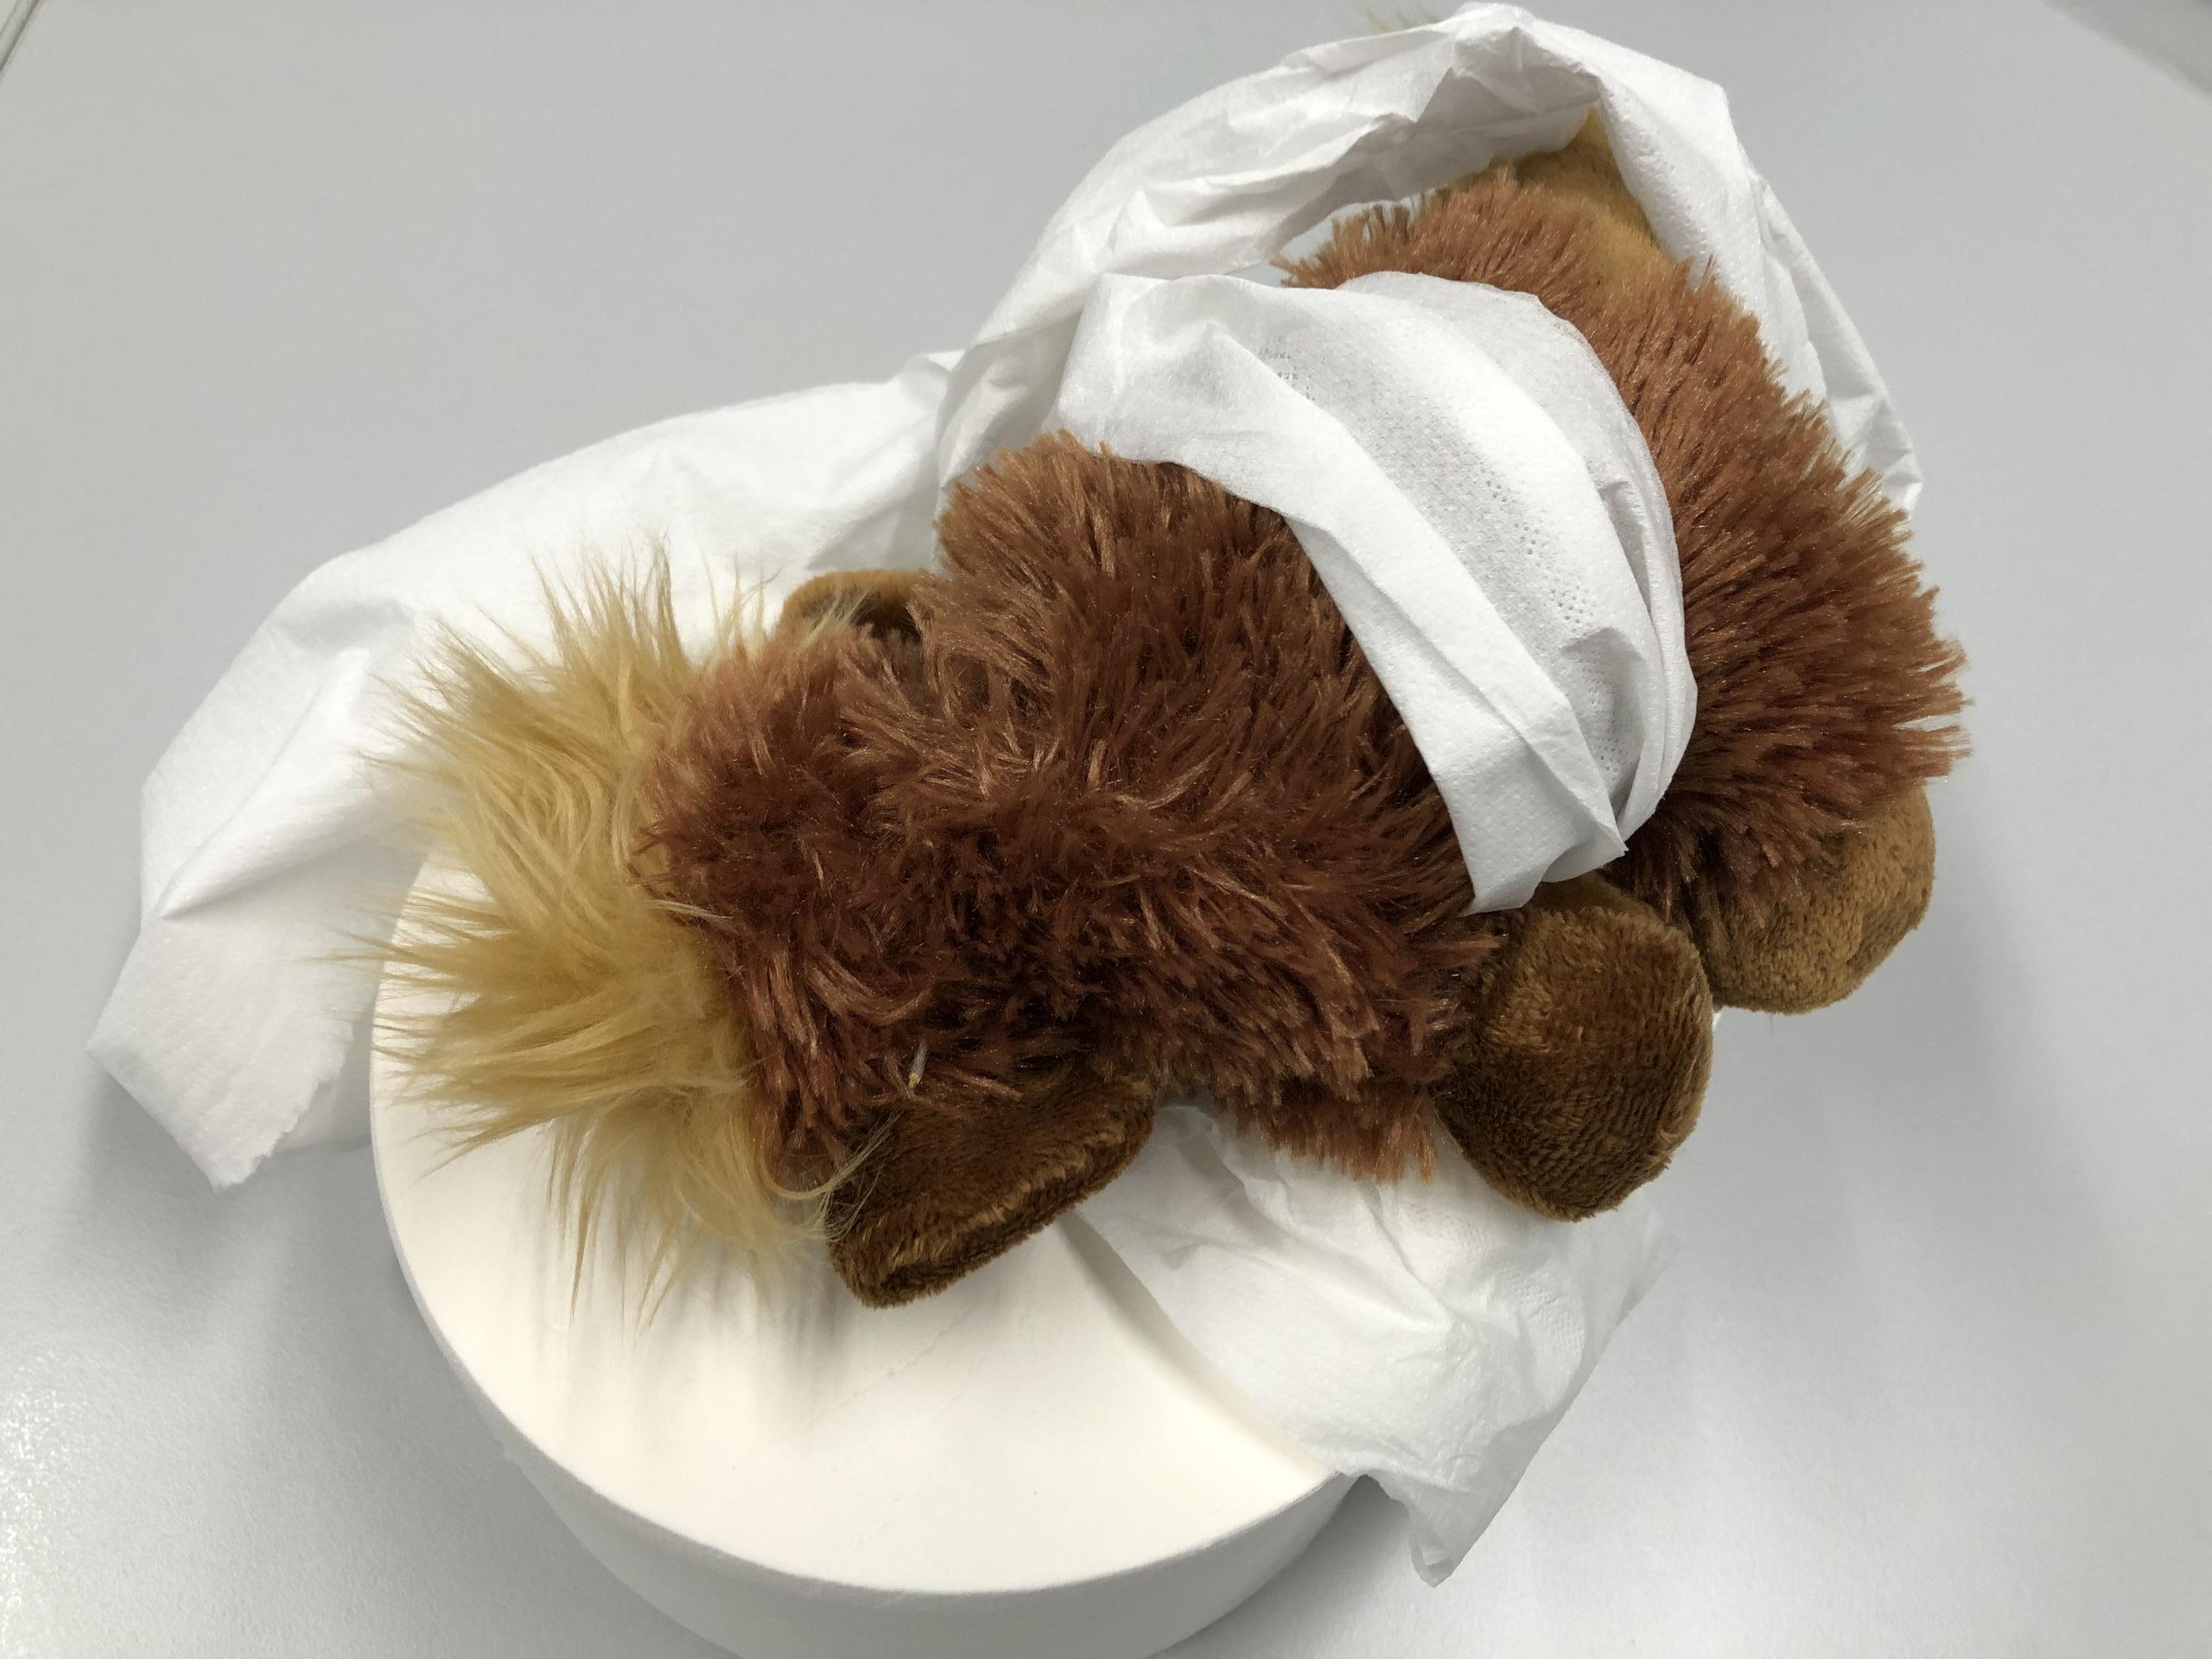 Mammut Plüschtier in Klopapier gewickelt